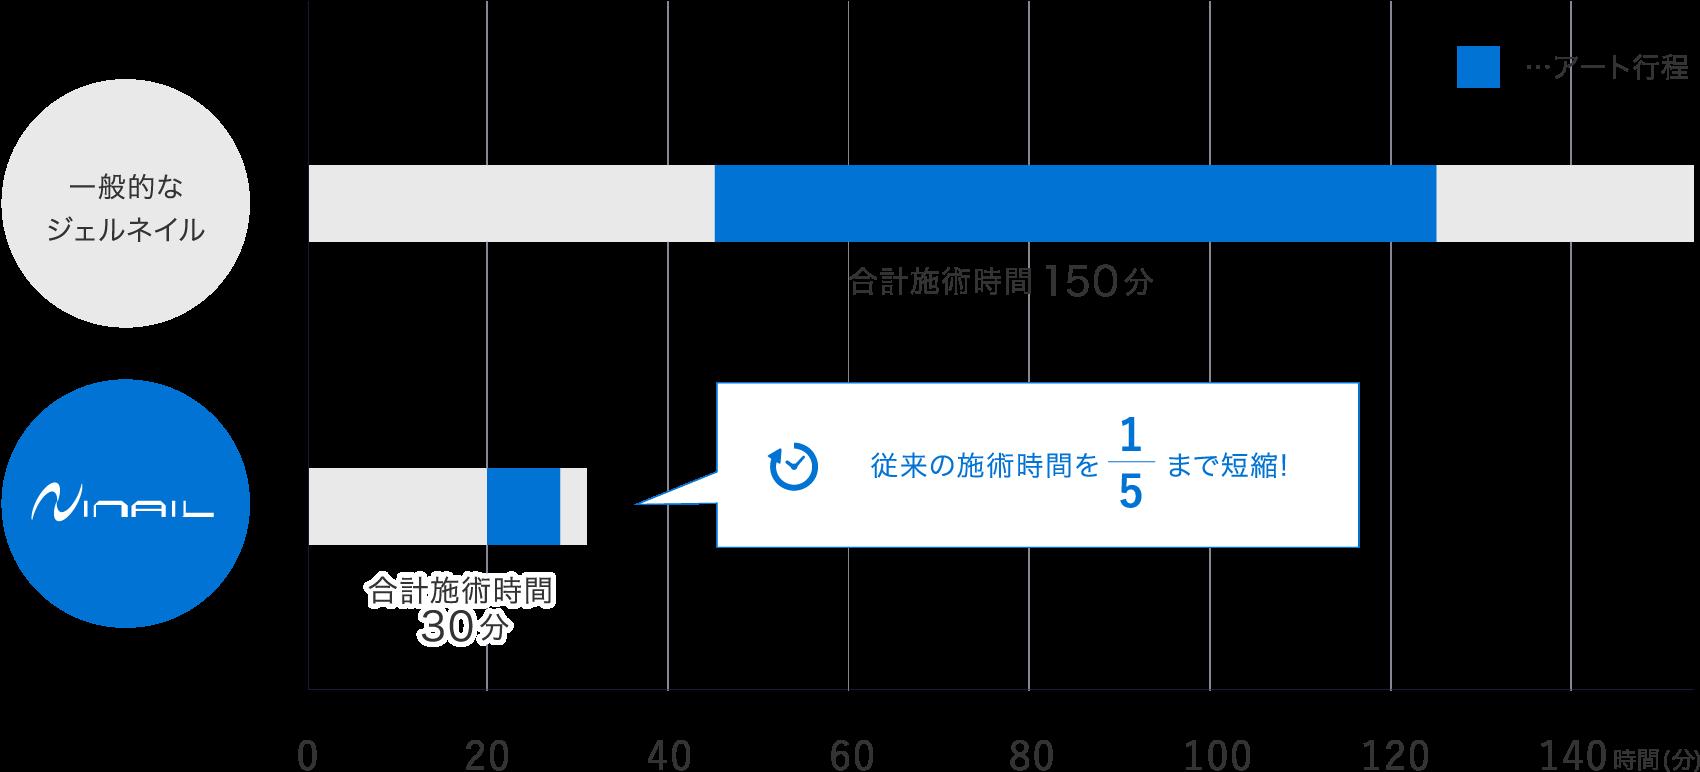 従来のジェルネイル施術時間との比較